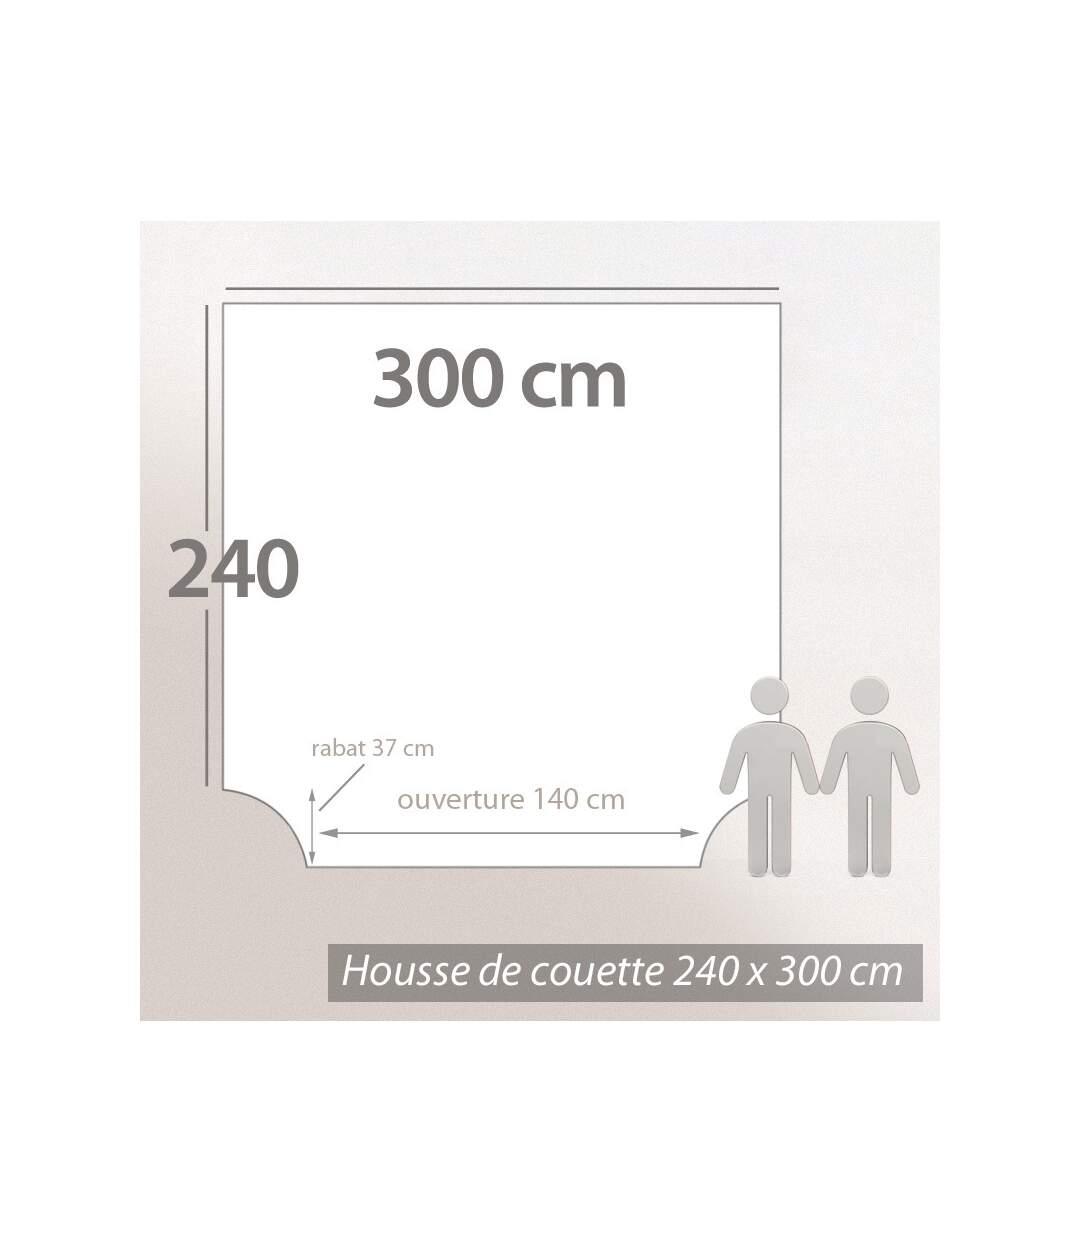 Parure de lit 300x240 cm Percale pur coton GINKGO Rose 3 pièces